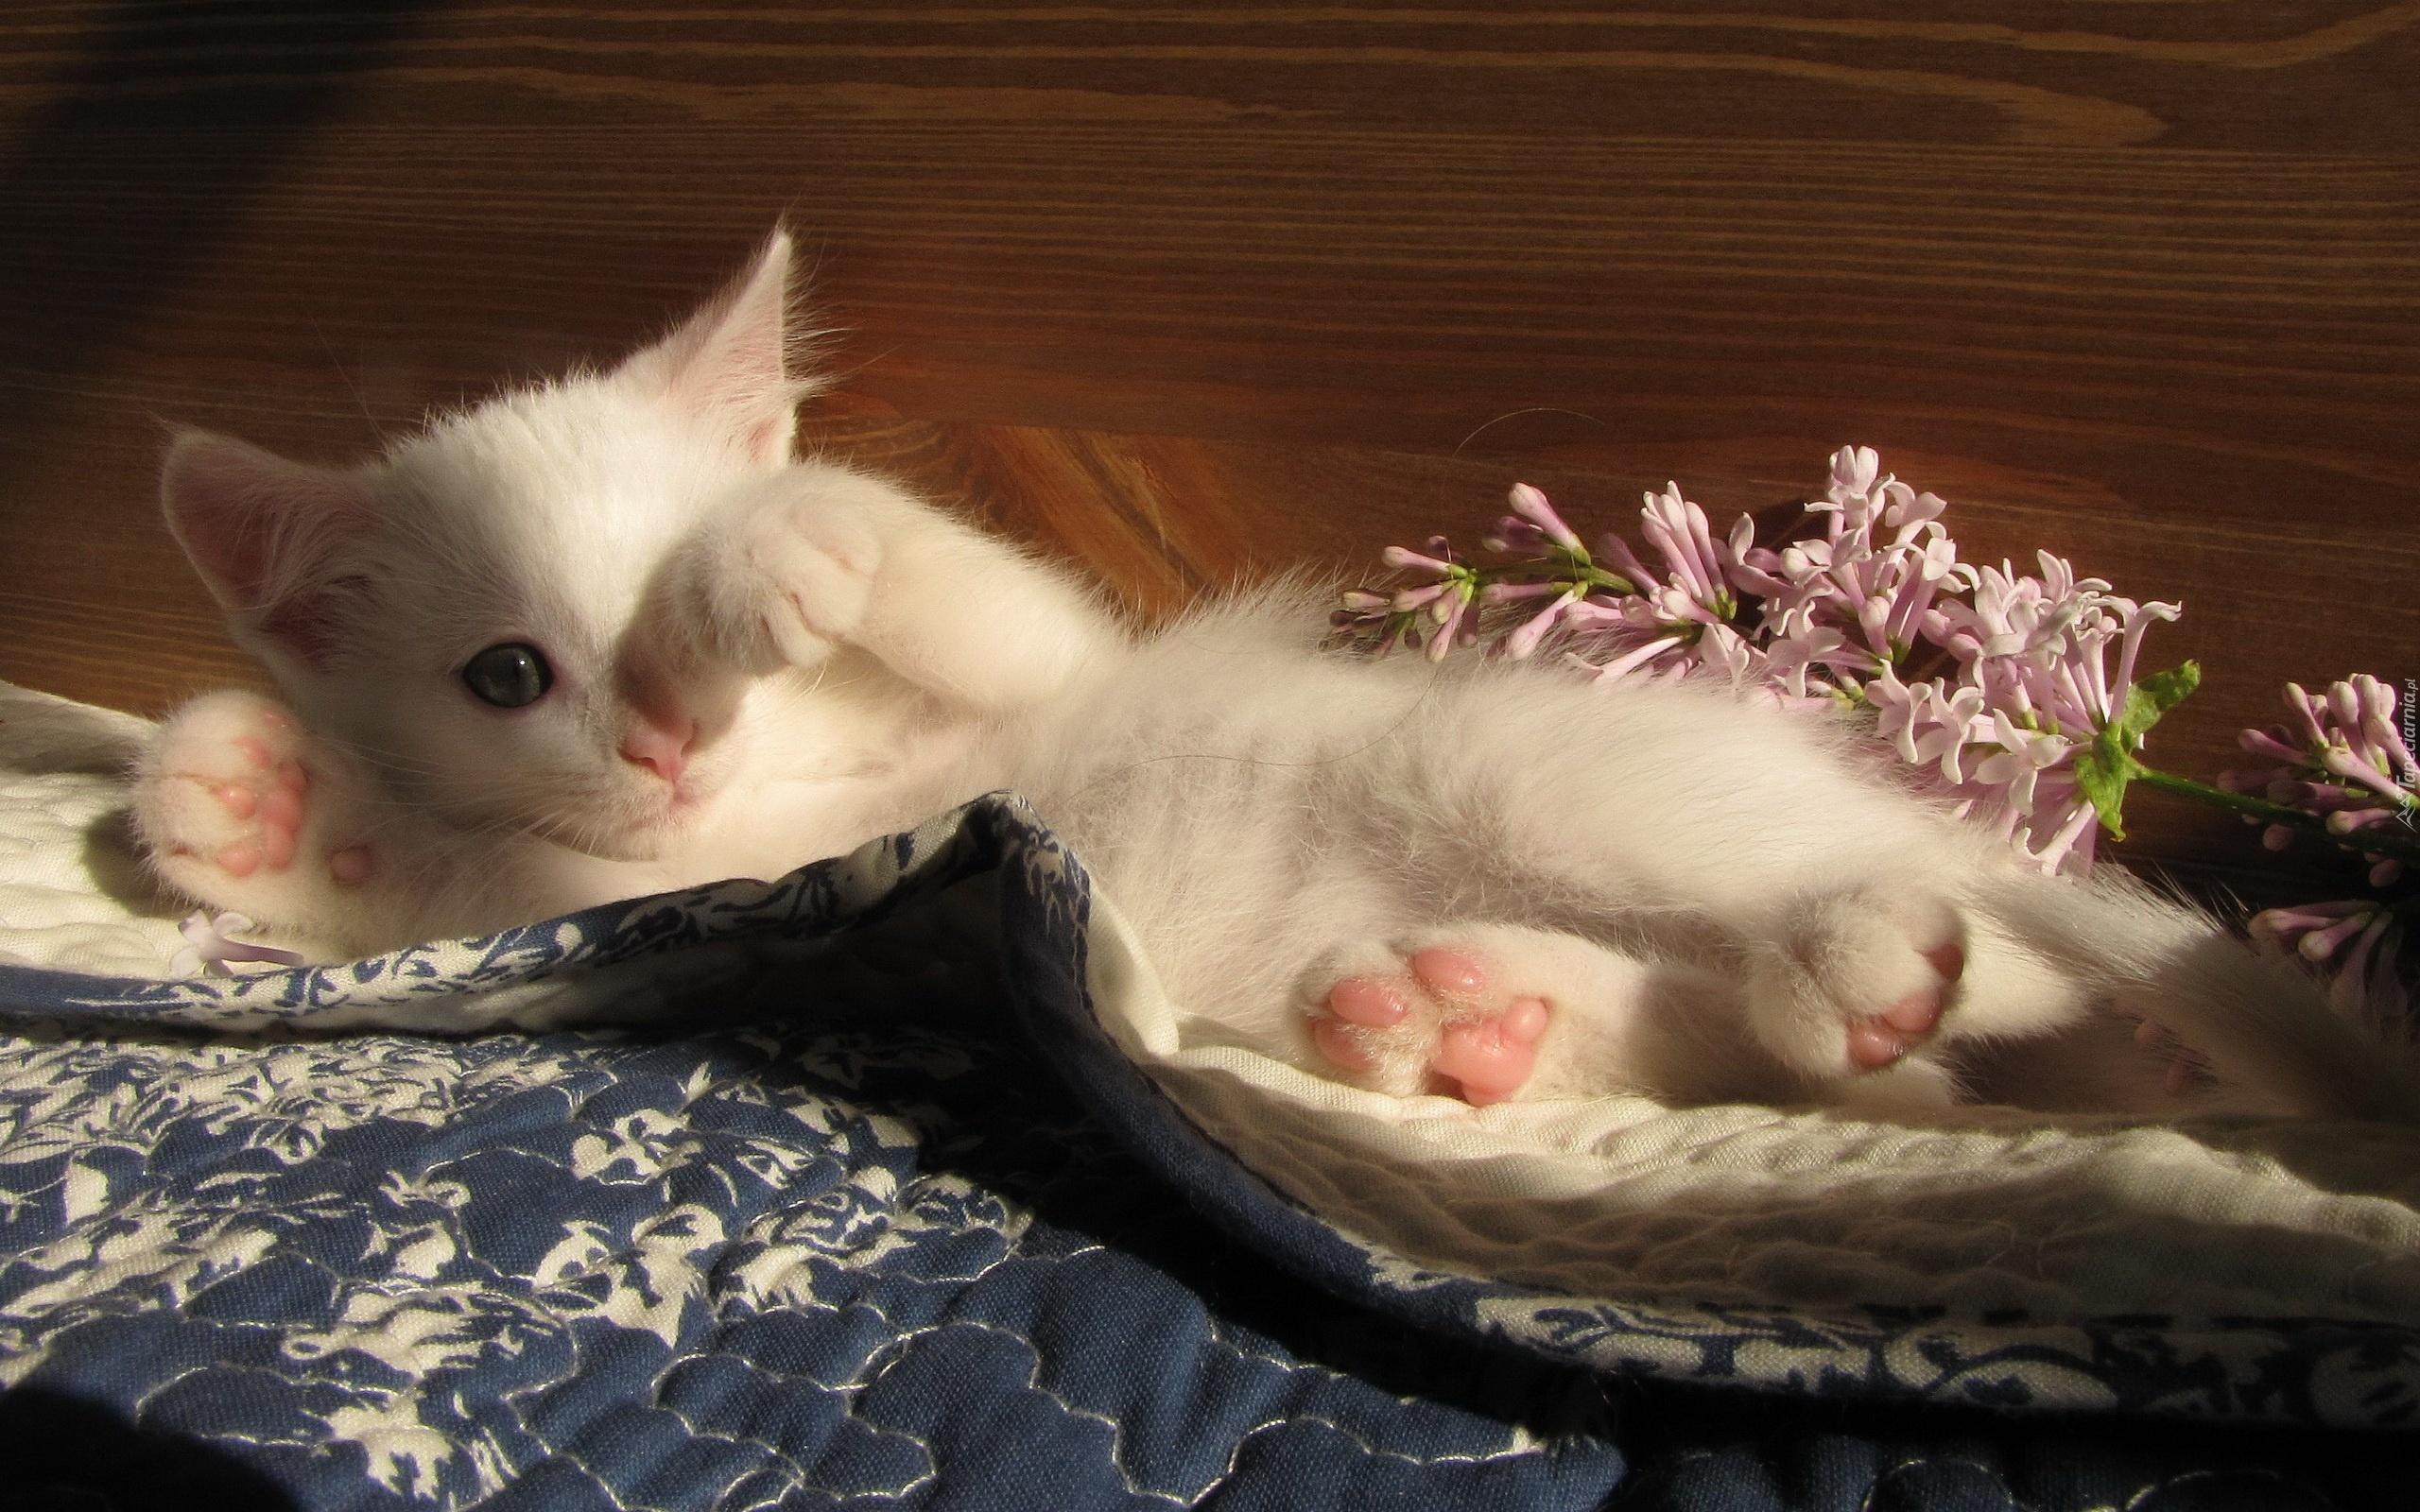 фото проснувшегося котенка район включает